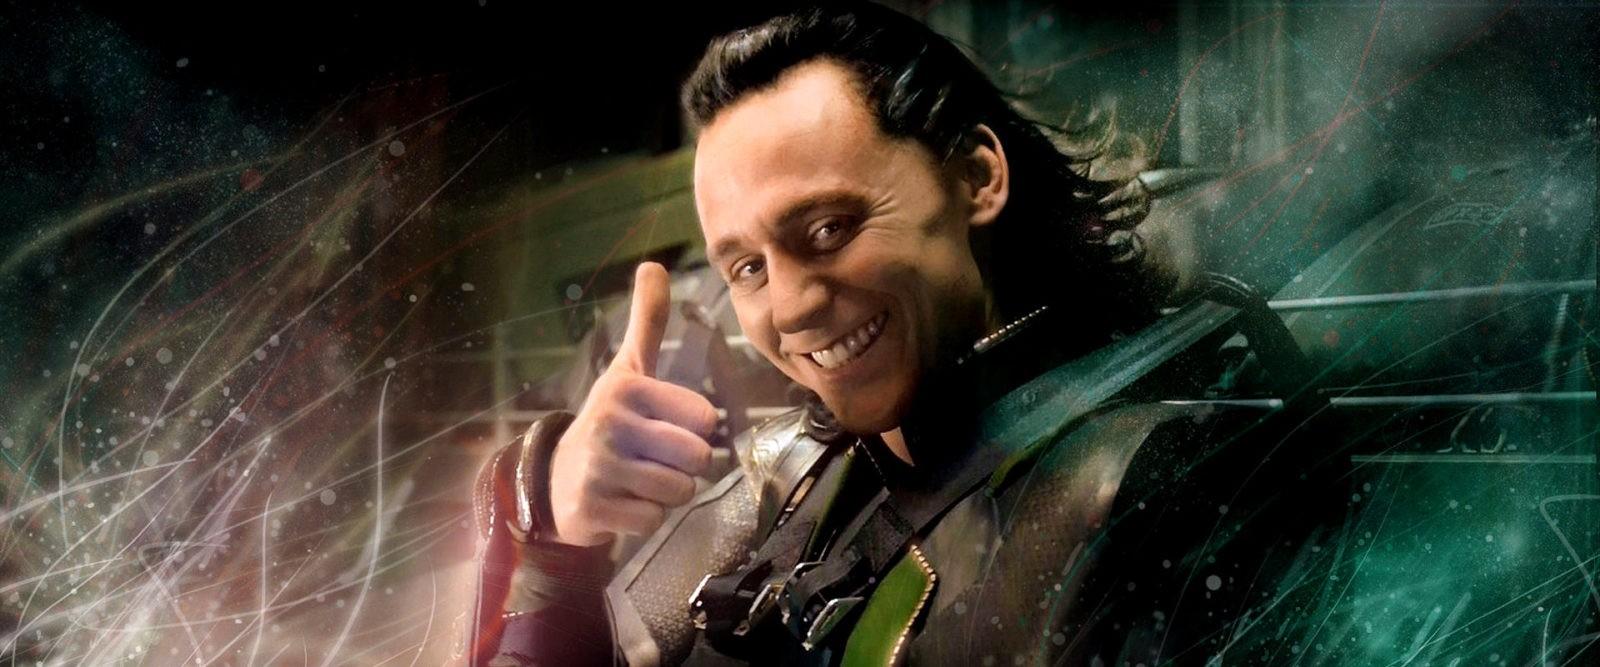 Локи стал первым ЛГБТК+ персонажем в киновселенной Marvel